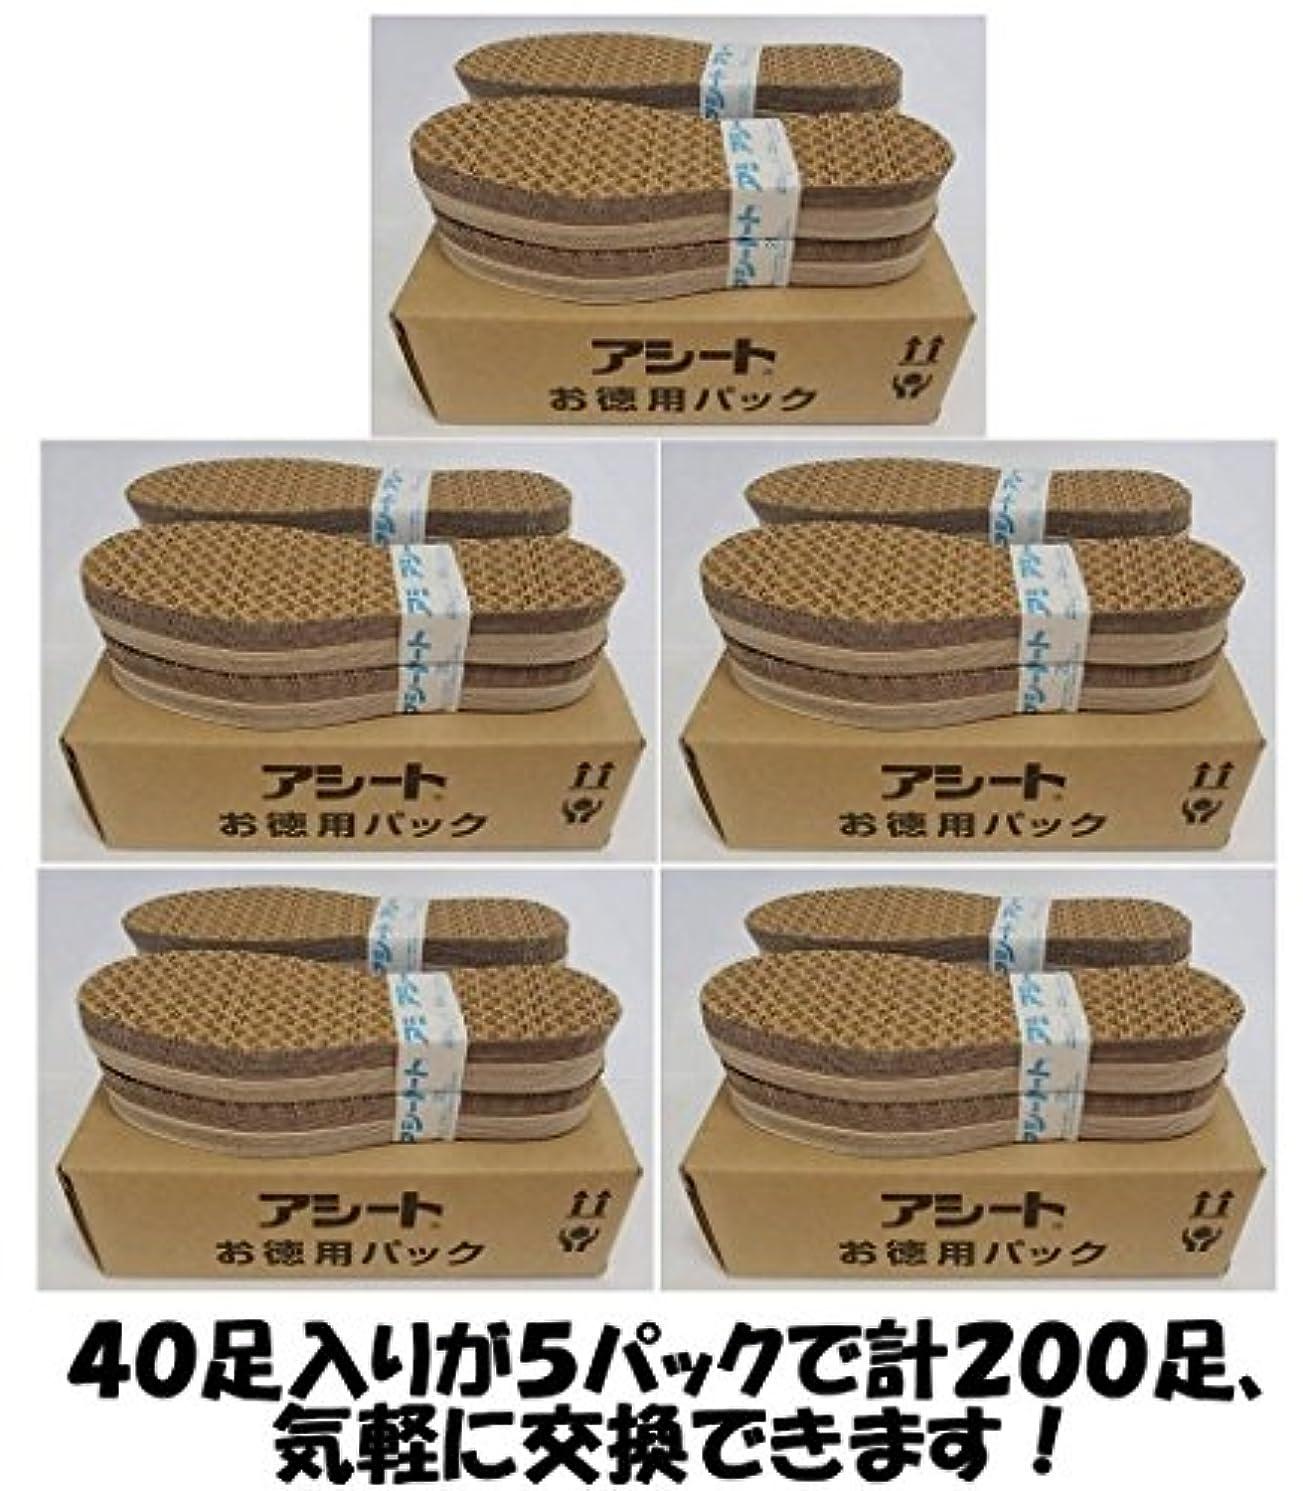 ラバ退化する情報アシートOタイプお徳用パック200足入り (27.5~28cm 男性靴用)